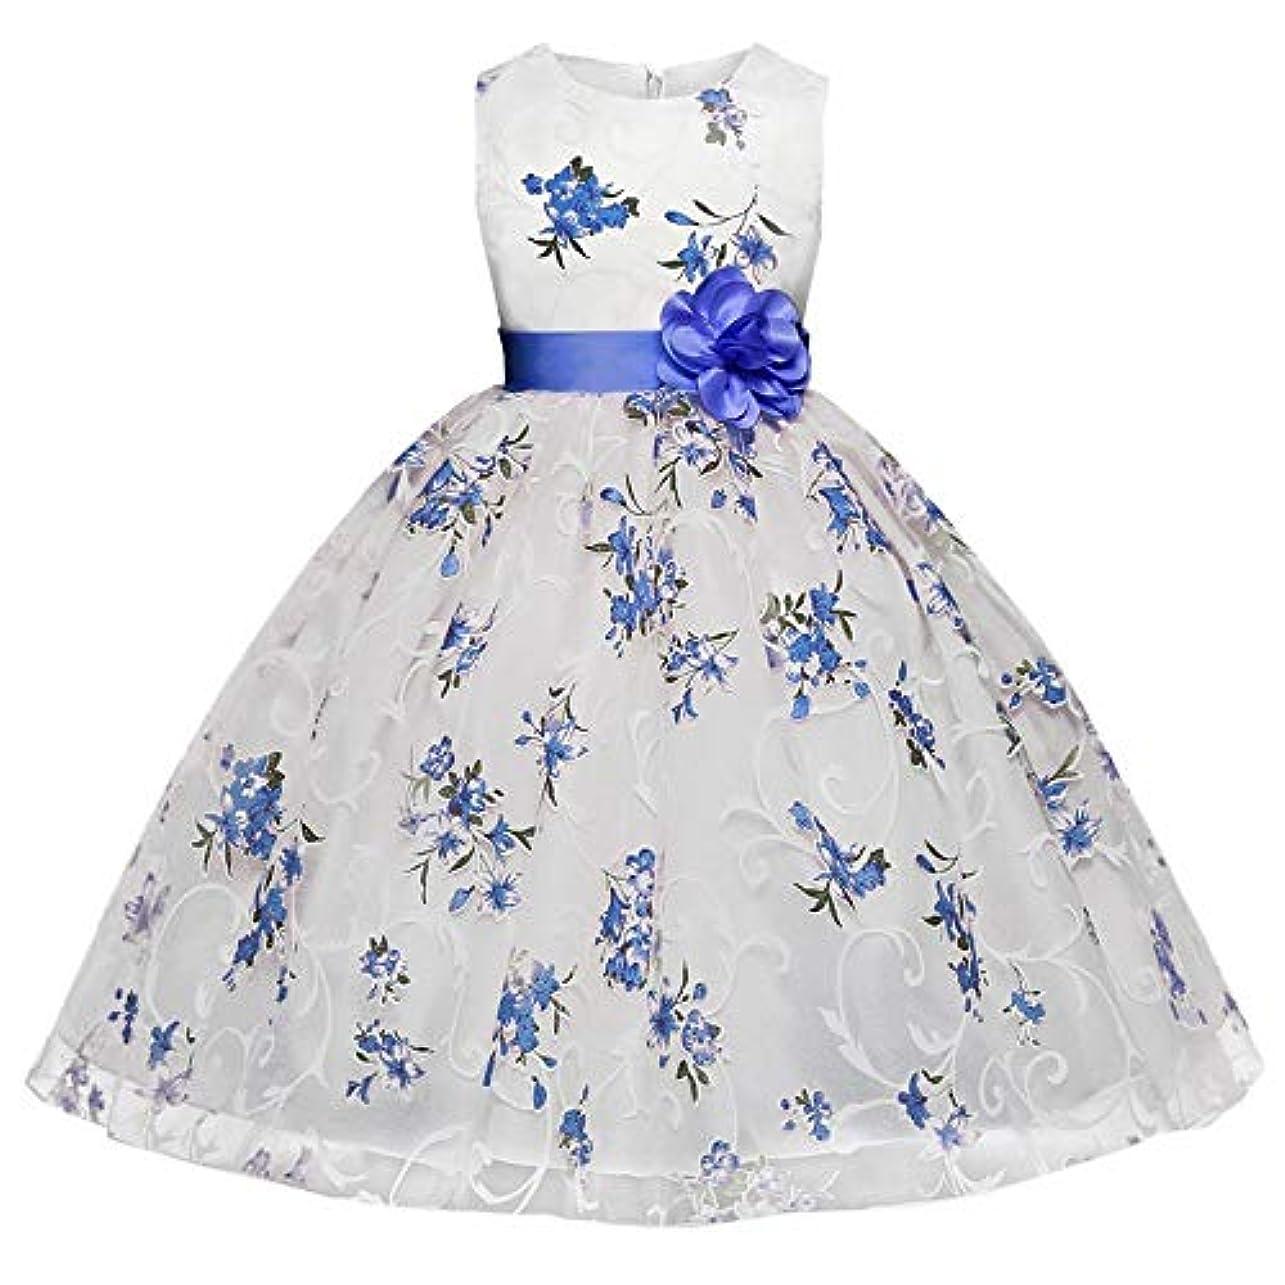 Mhomzawa 子供ドレス 女の子 花 ピアノ 発表 会 結婚式 入園式 演奏会 花嫁介添人 卒業式 お嬢様 ドレス